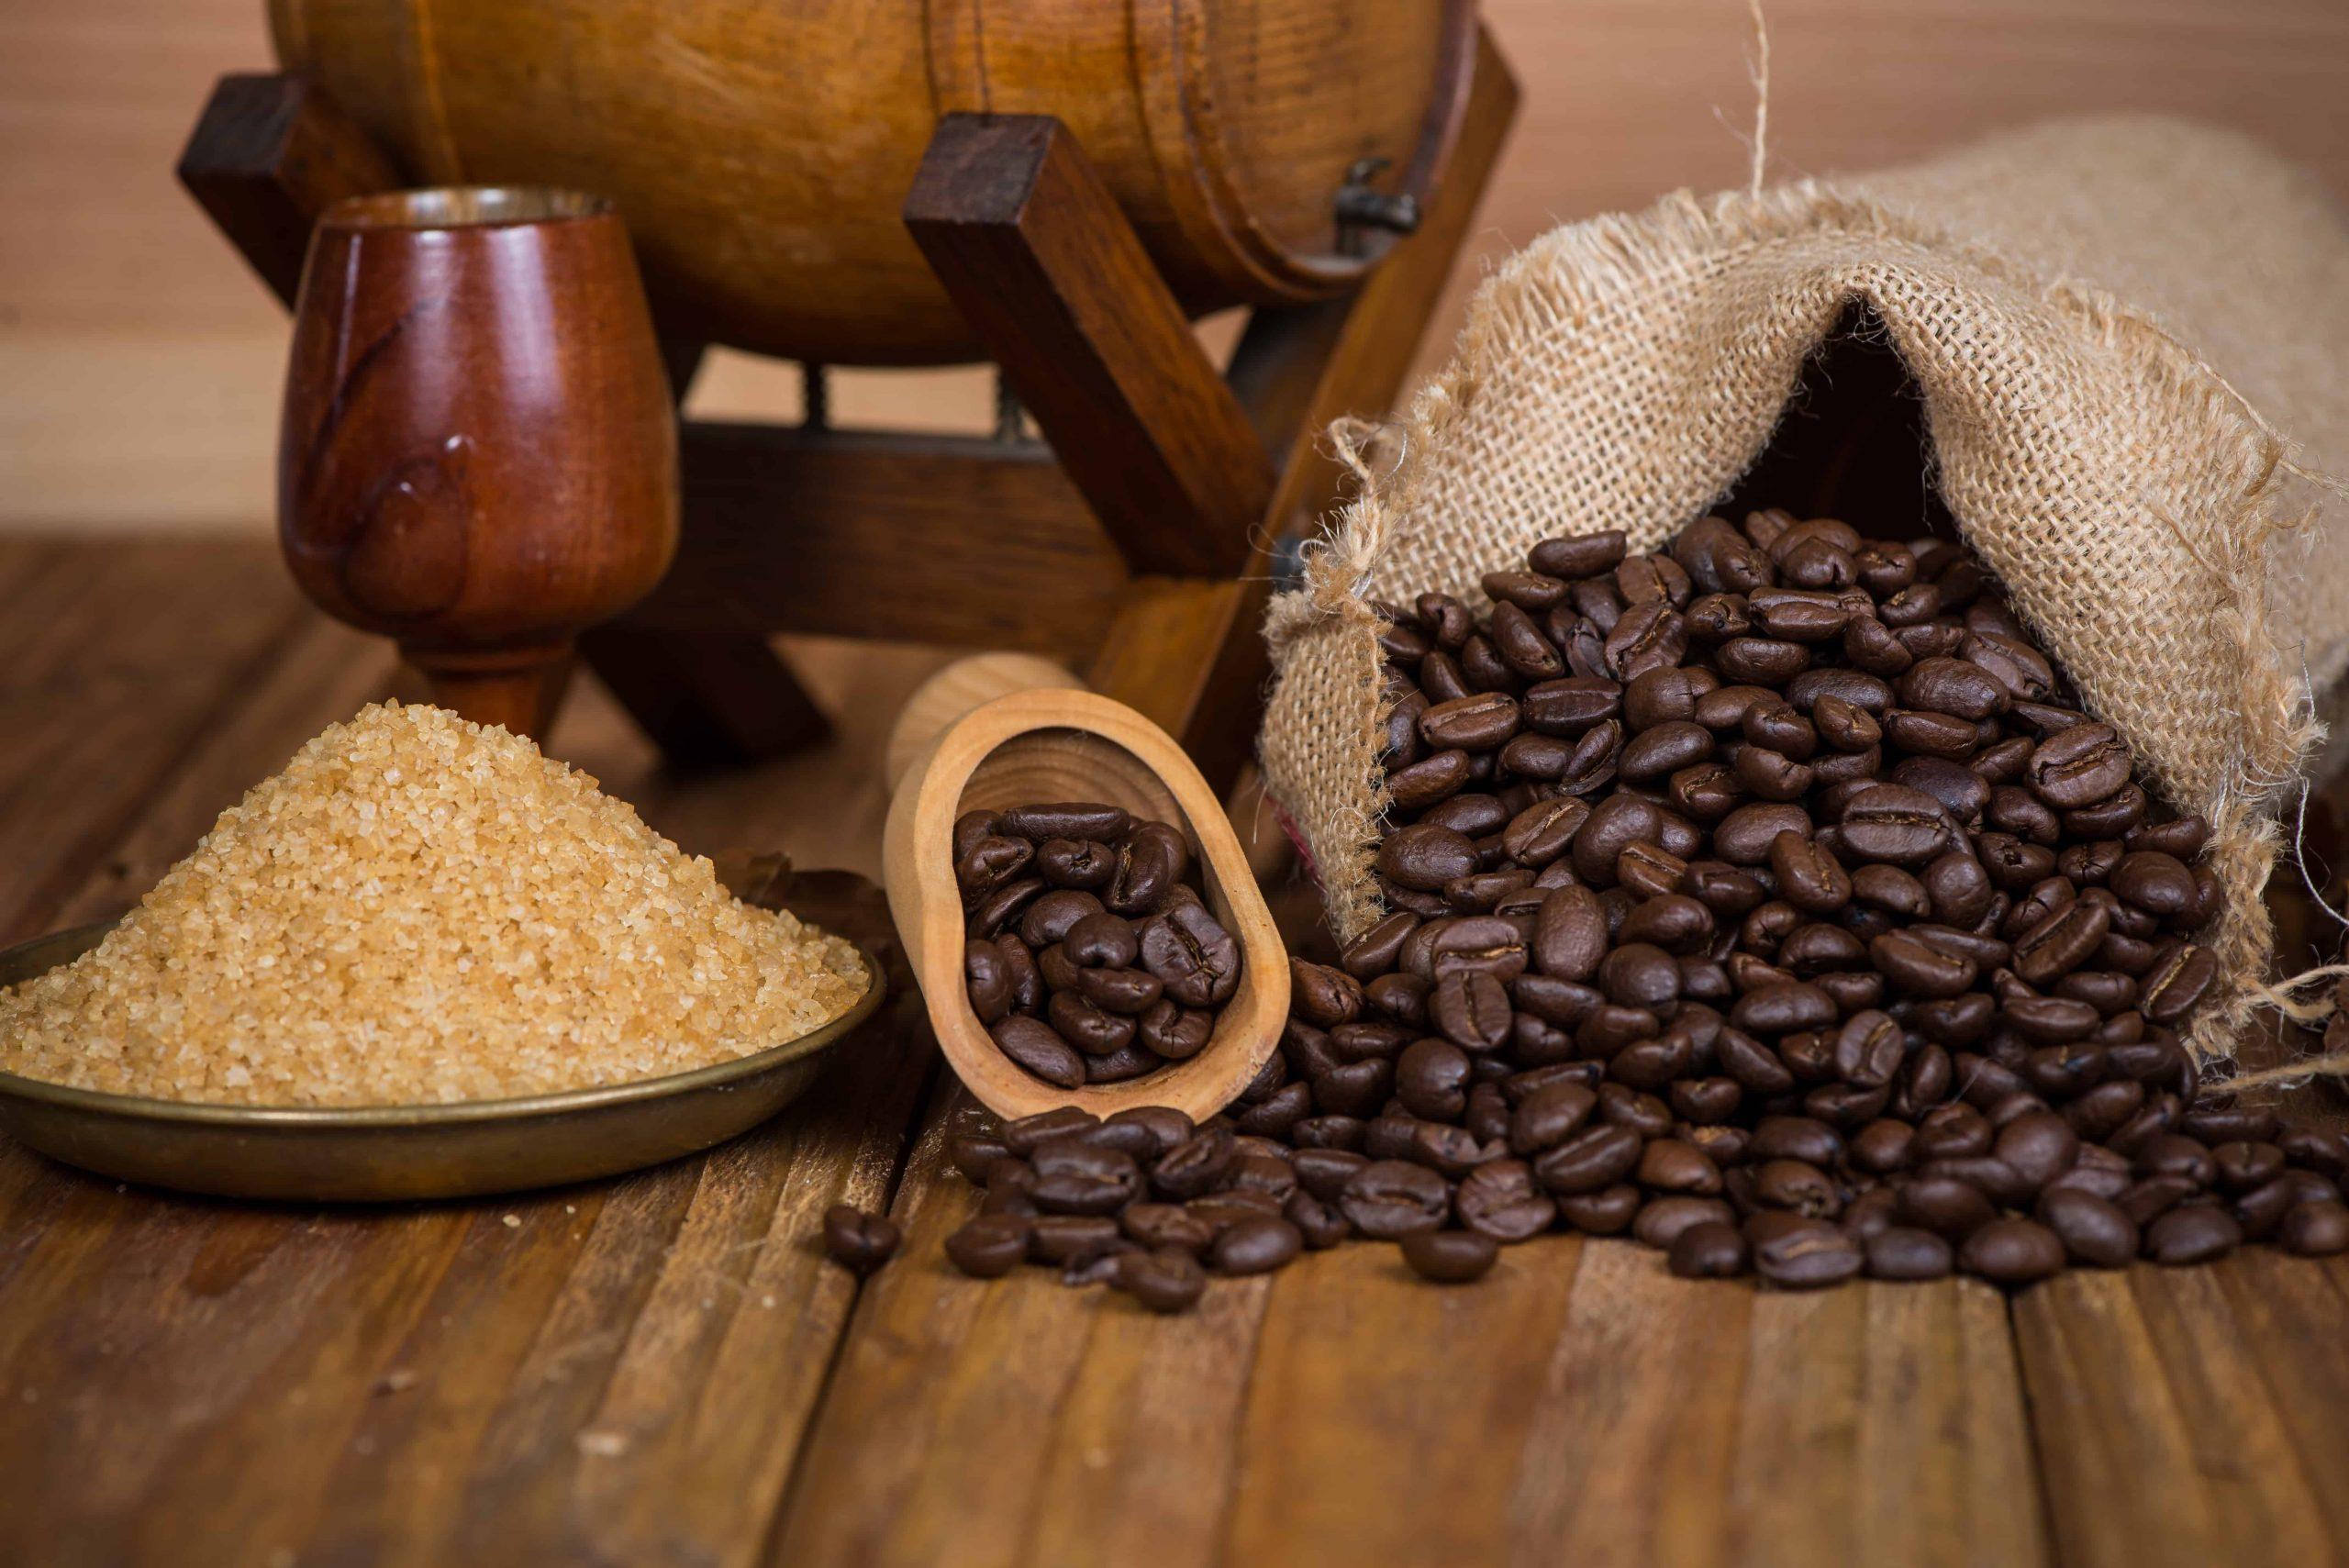 Kaffee aus Kuba: Test & Empfehlungen (10/20)